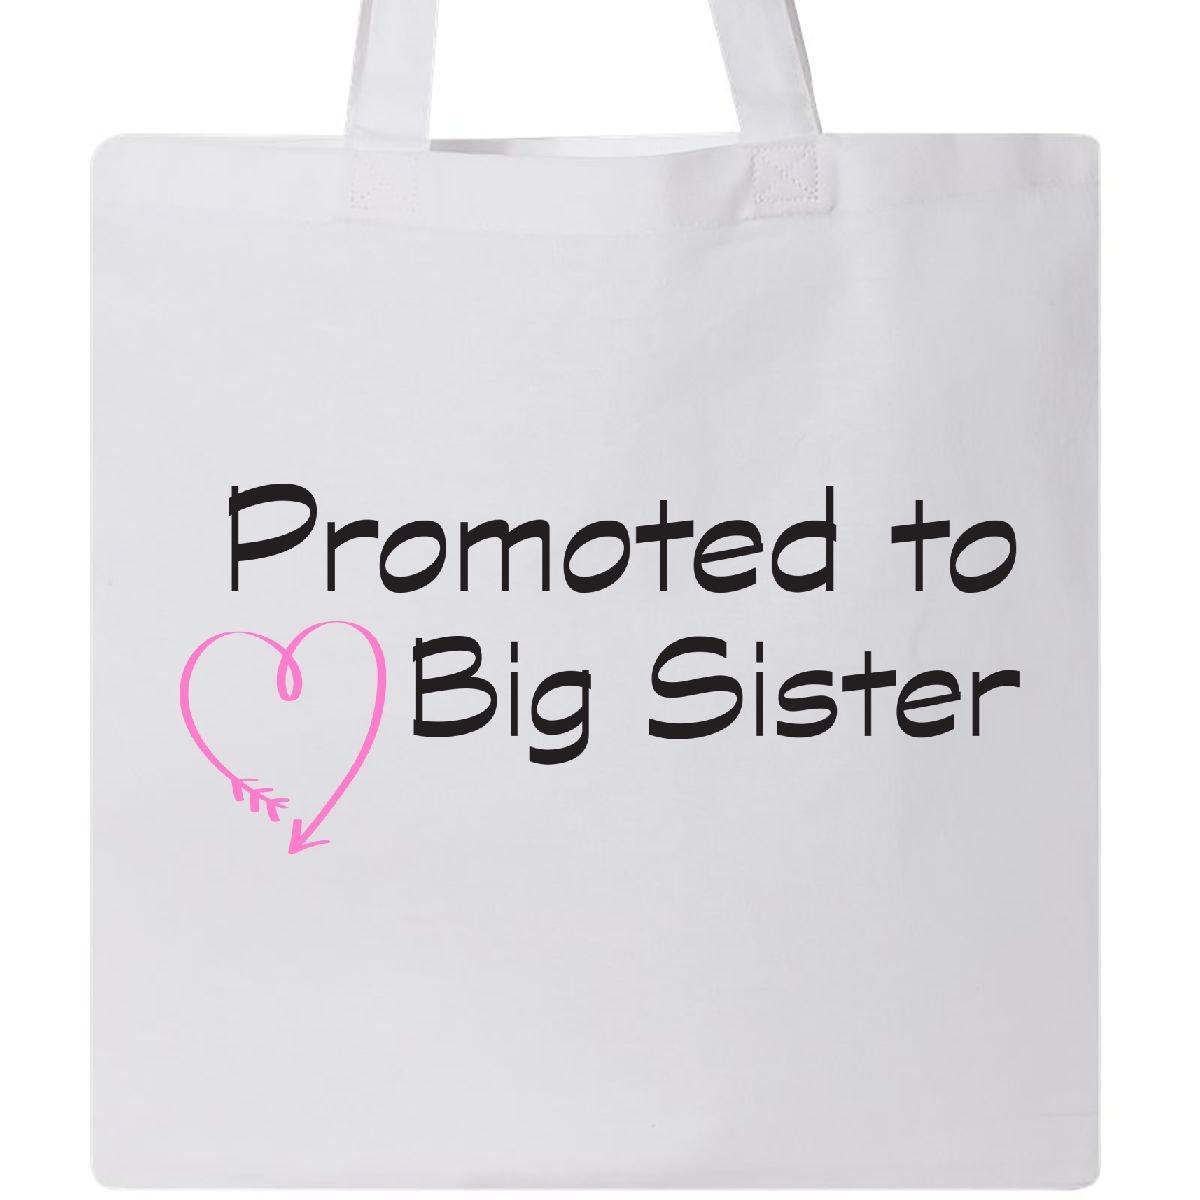 【ファッション通販】 Inktastic に昇格Big – に昇格Big Sisterブラックピンクハートトートバッグ One ホワイト Size Size B076V4N8B4 ホワイト ホワイト, アリスフローラ パール癒し雑貨:26a3d307 --- vezam.lt